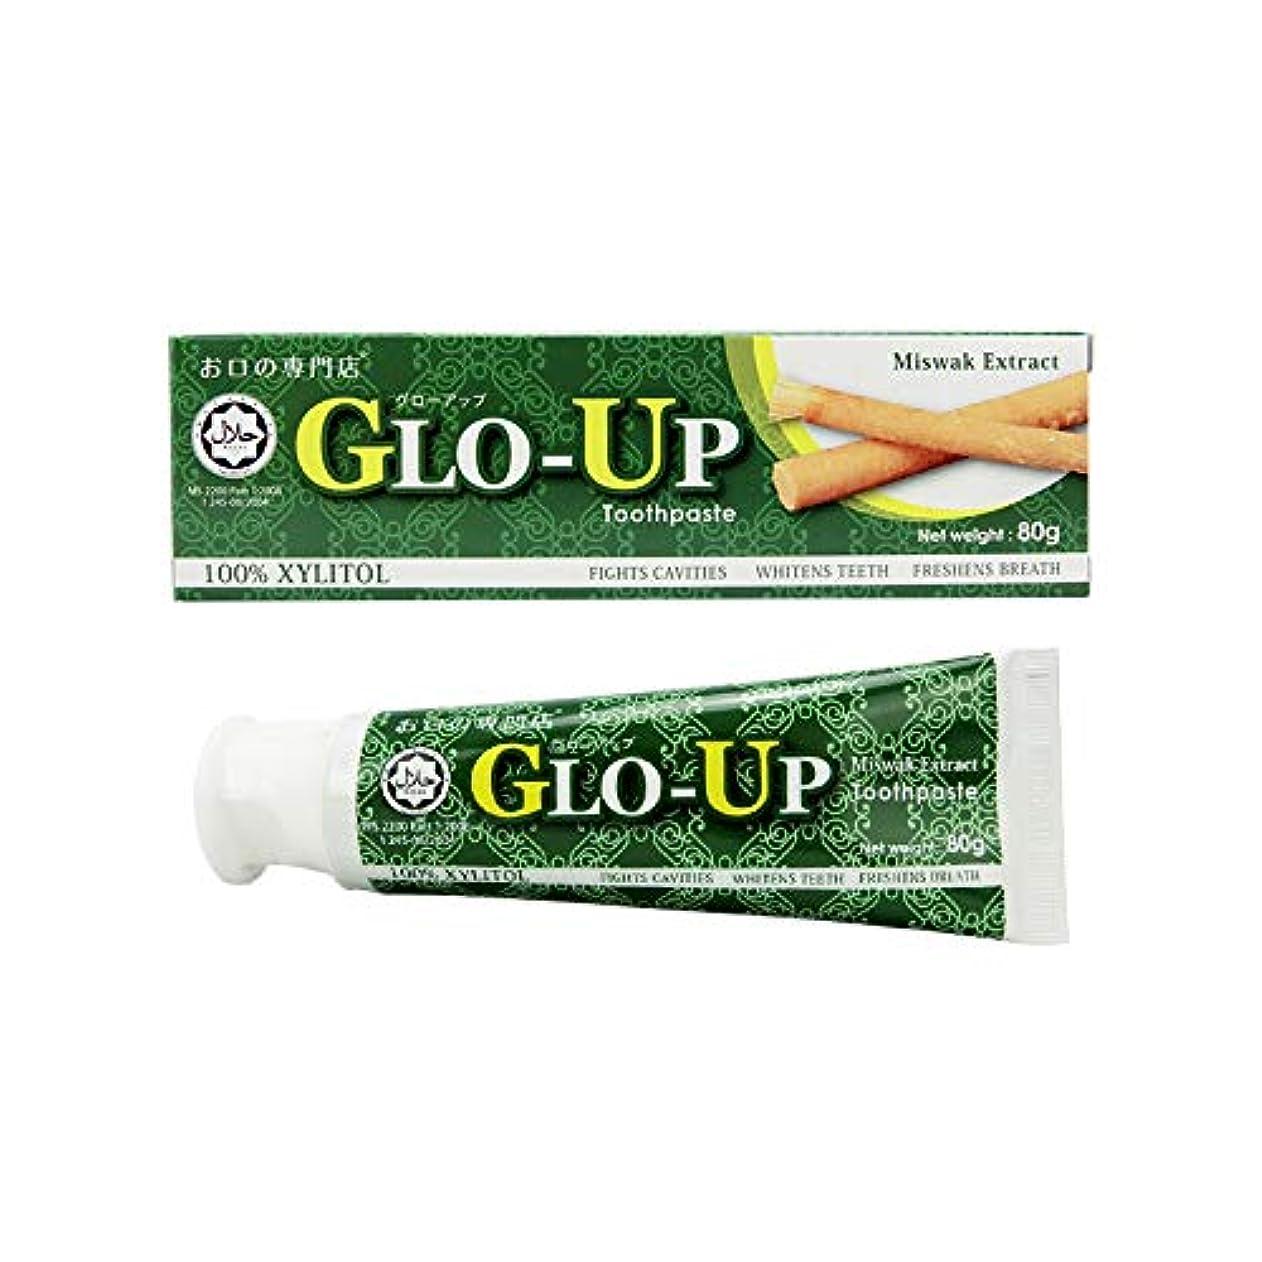 地中海独特のピクニックお口の専門店 GLO-UP(グローアップ) 歯磨きペースト 80g (1個) ハラール認証取得 キシリトール100% お口の専門店オリジナル 歯科医院取扱品